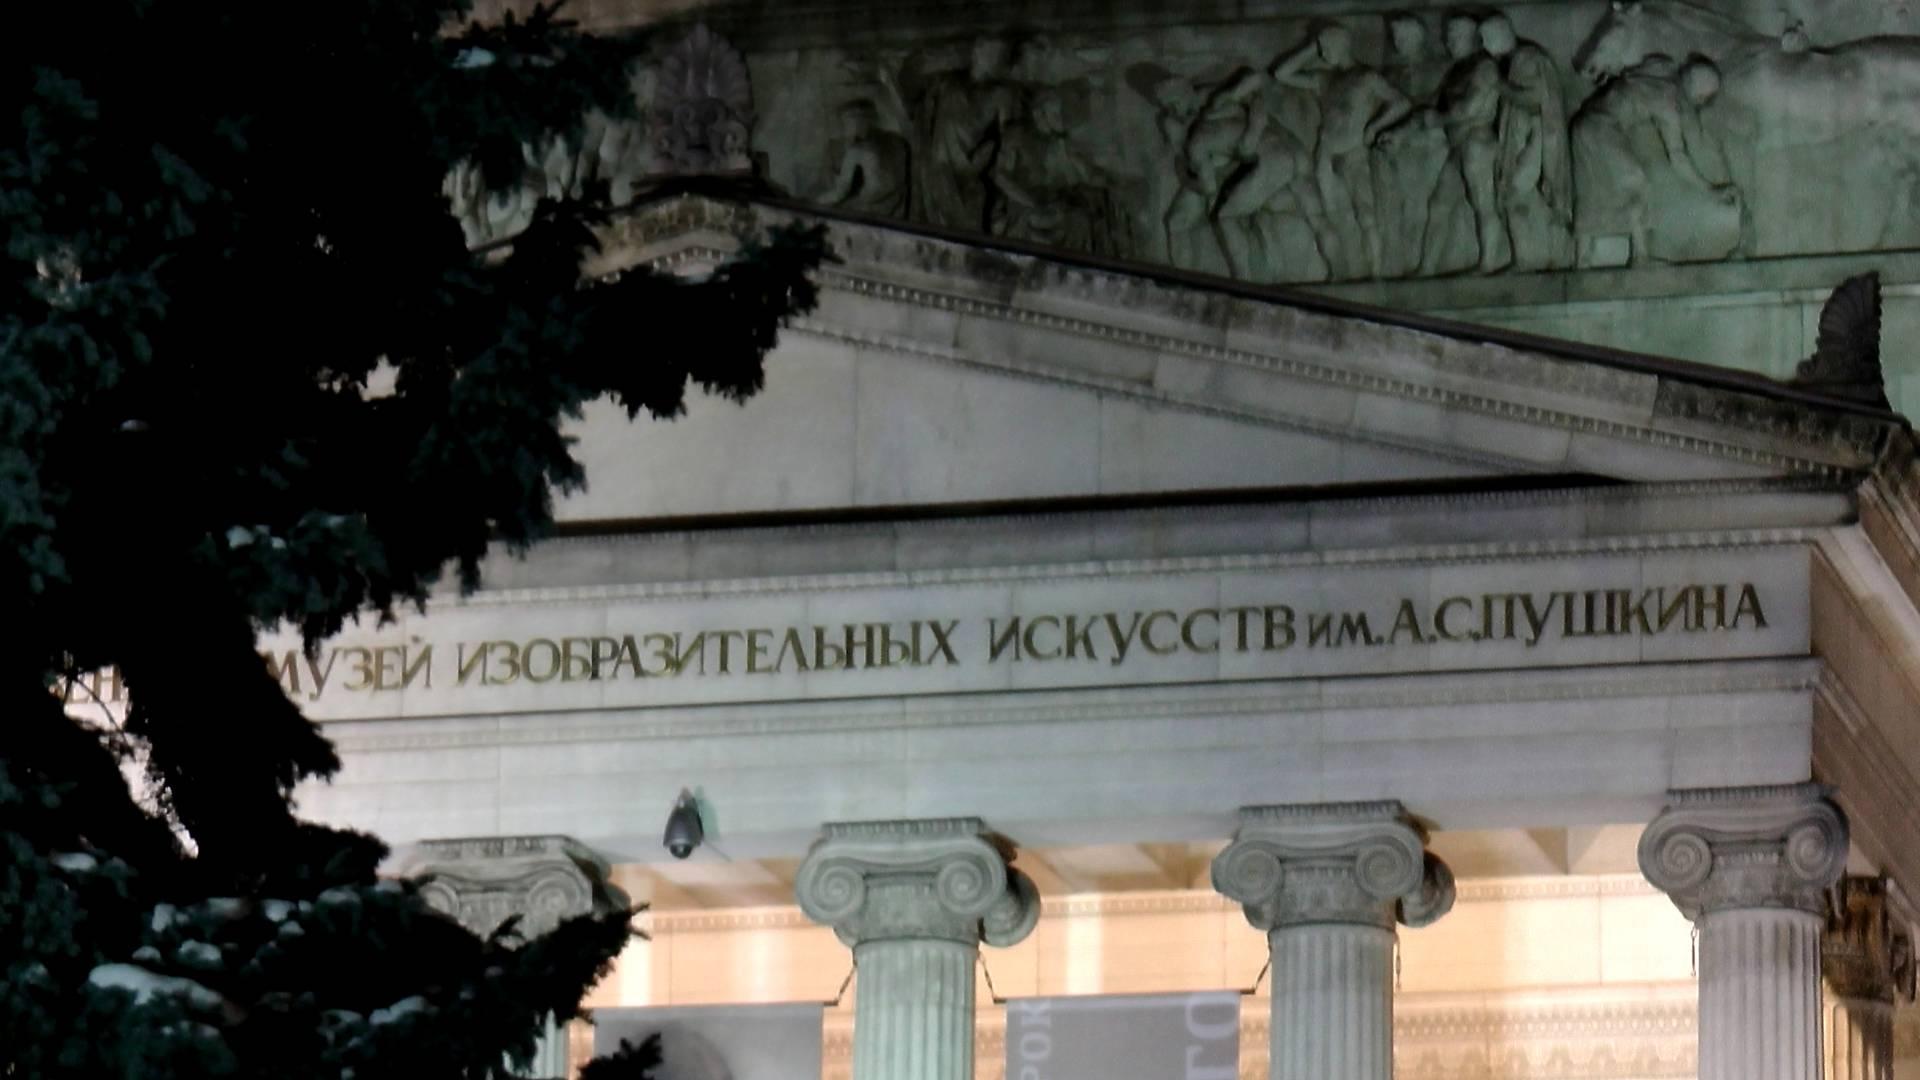 Музей изобразительных искусств имени А.С.Пушкина. Москва